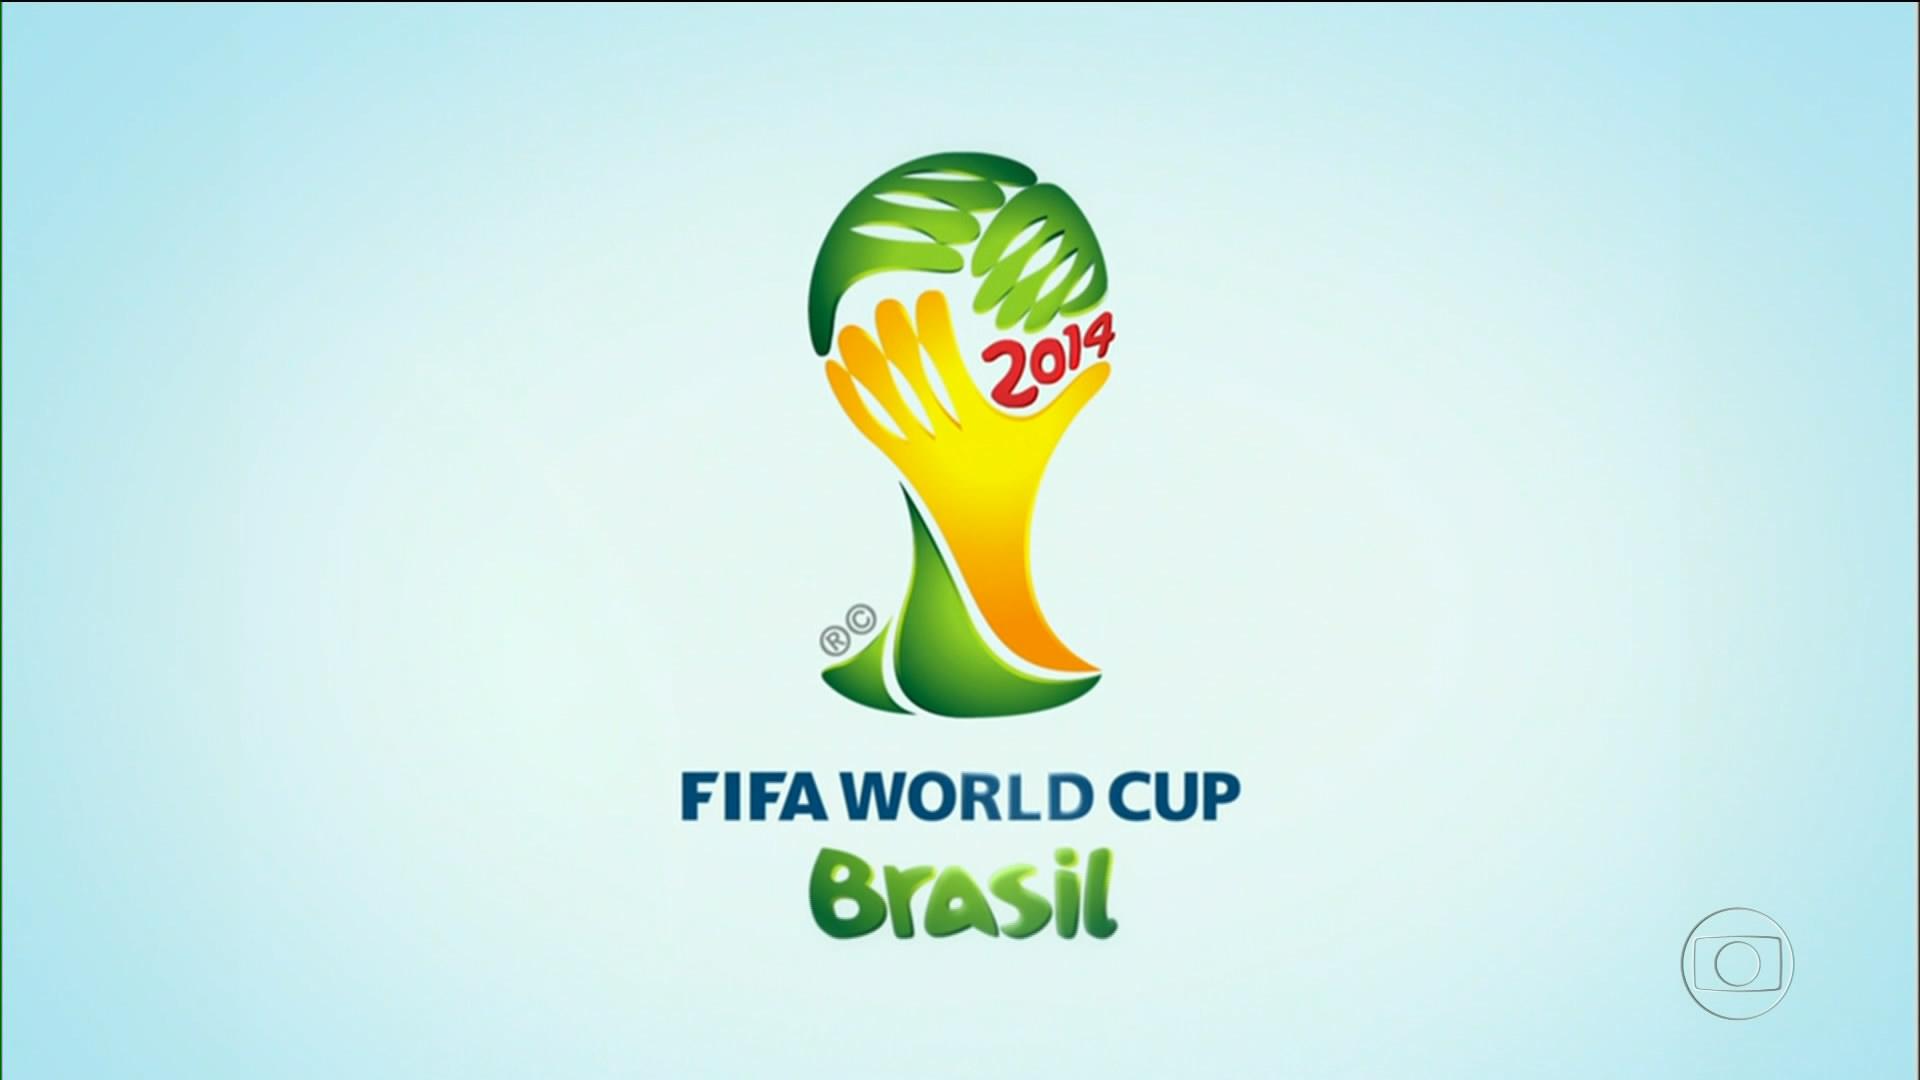 Copa de 2014 - Cursos